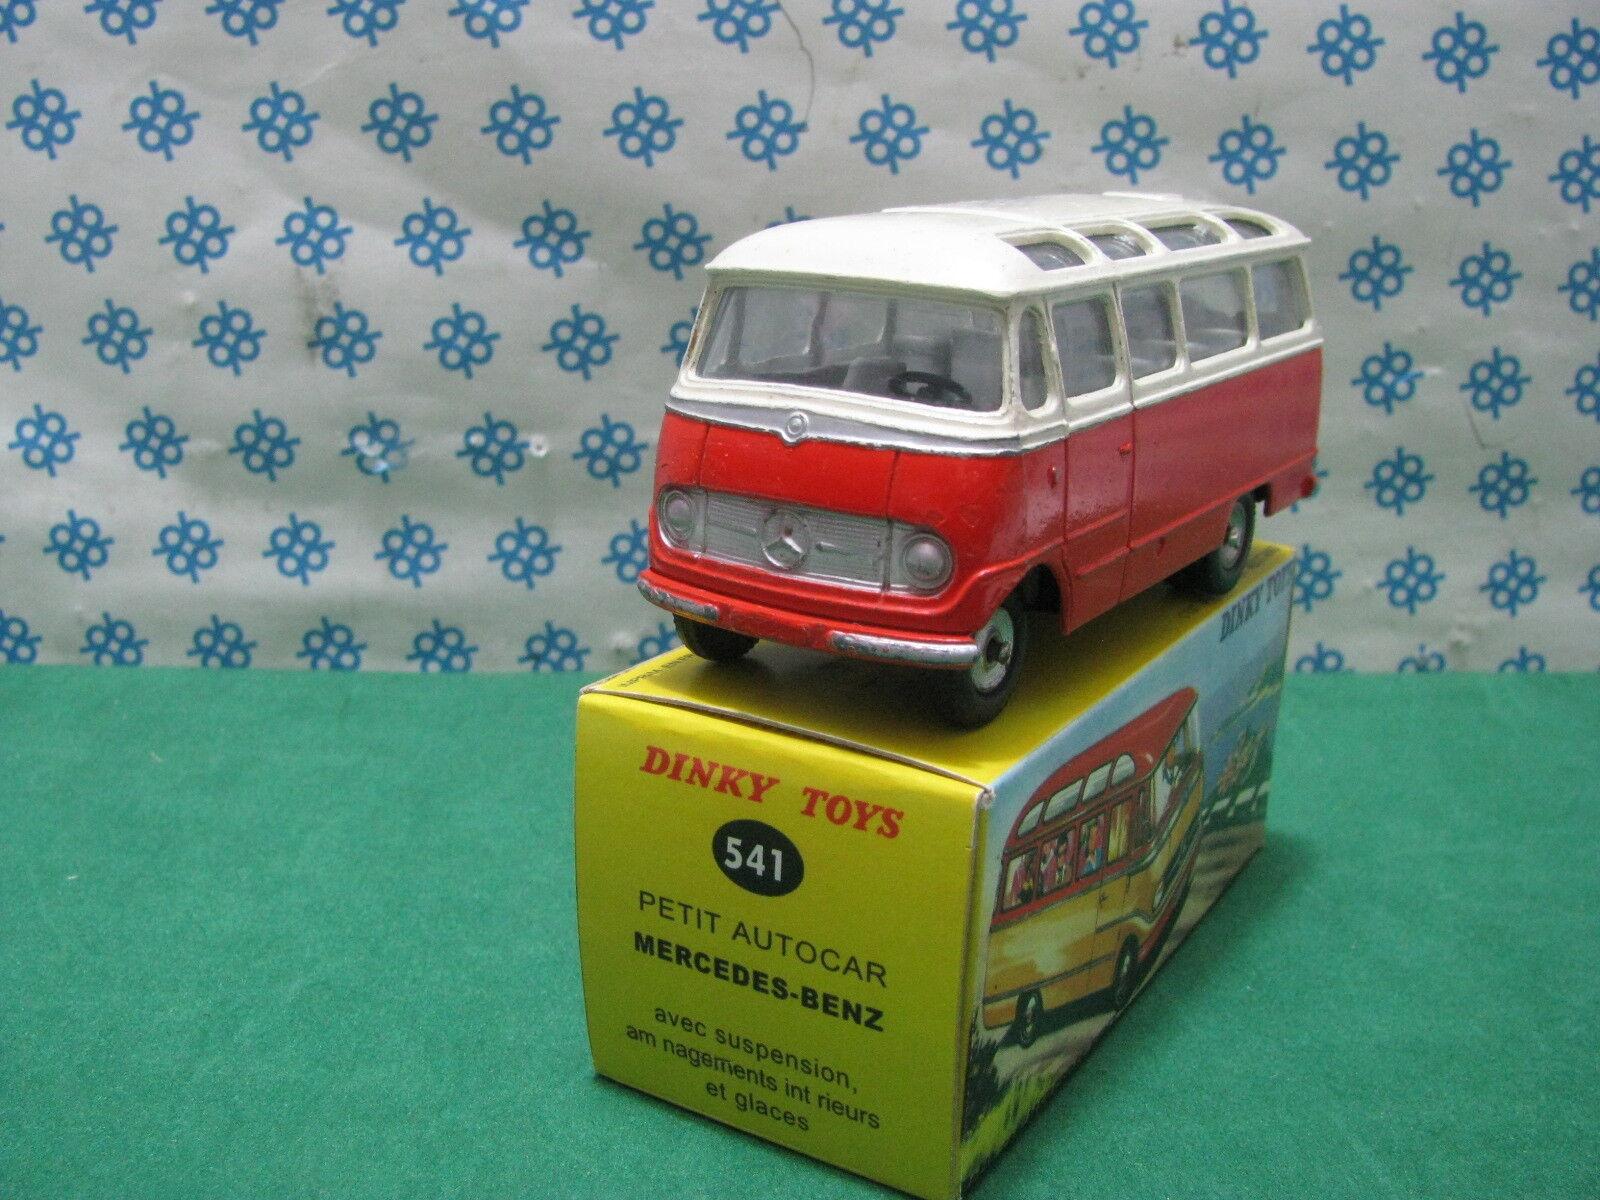 Vintage - Petite Car Car Mercedes-Benz Near Mint - Dinky Toys 541